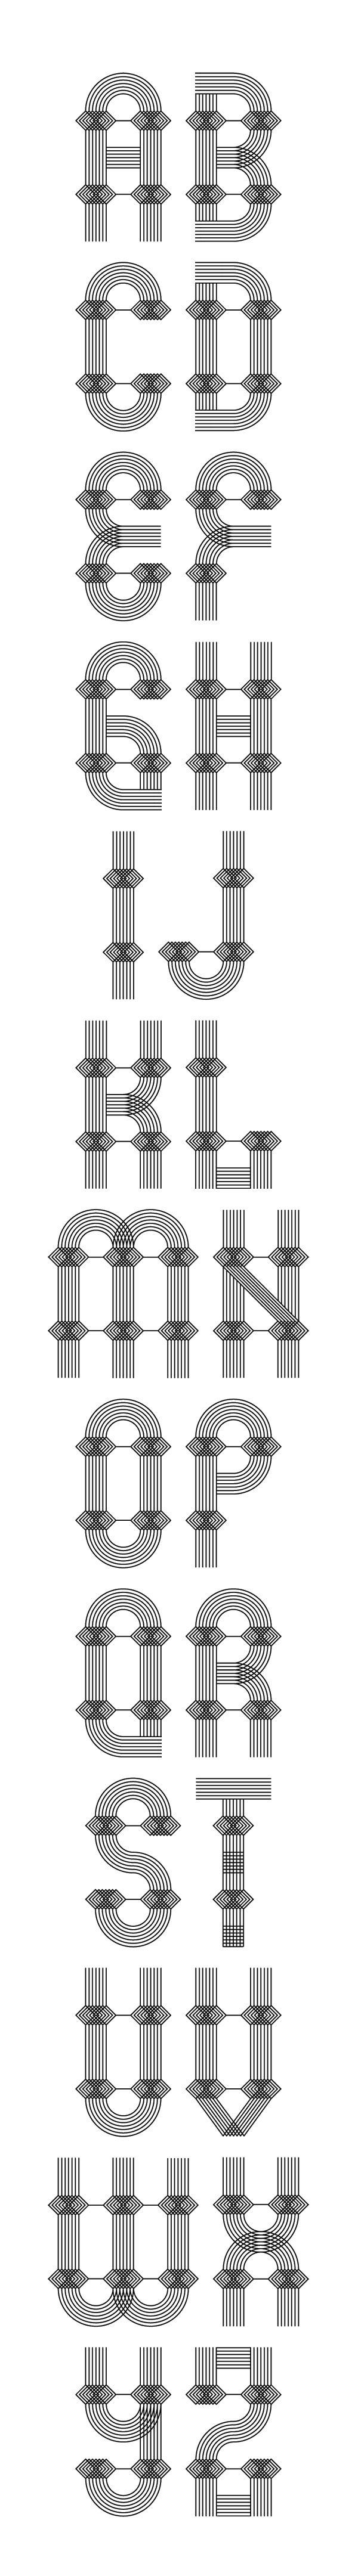 Broken Arrow Font / designed by Patrick Seymour